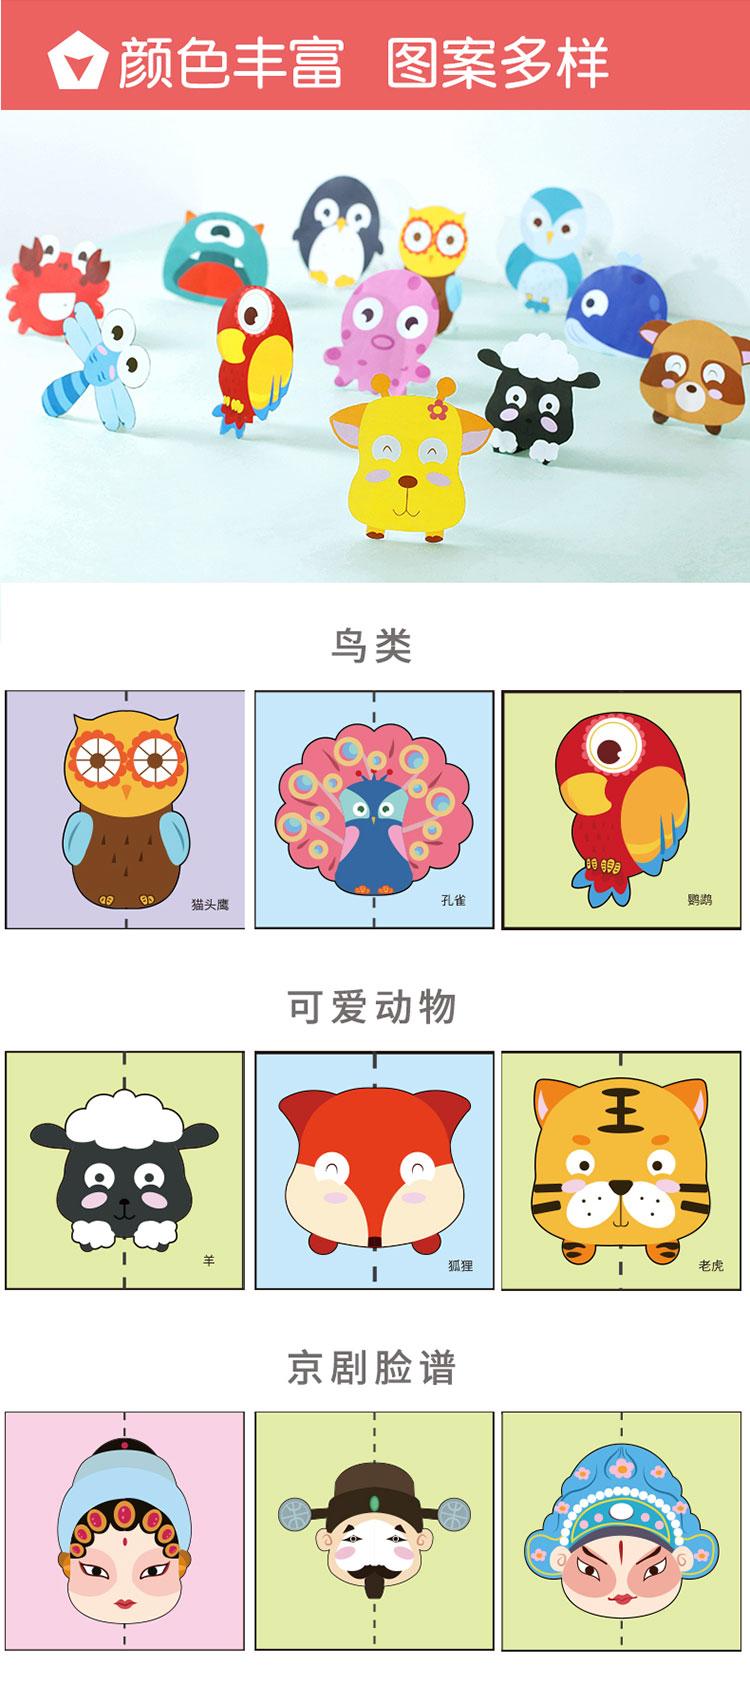 儿童剪纸立体手工折纸书diy制作幼儿园宝宝小孩益智创意玩具